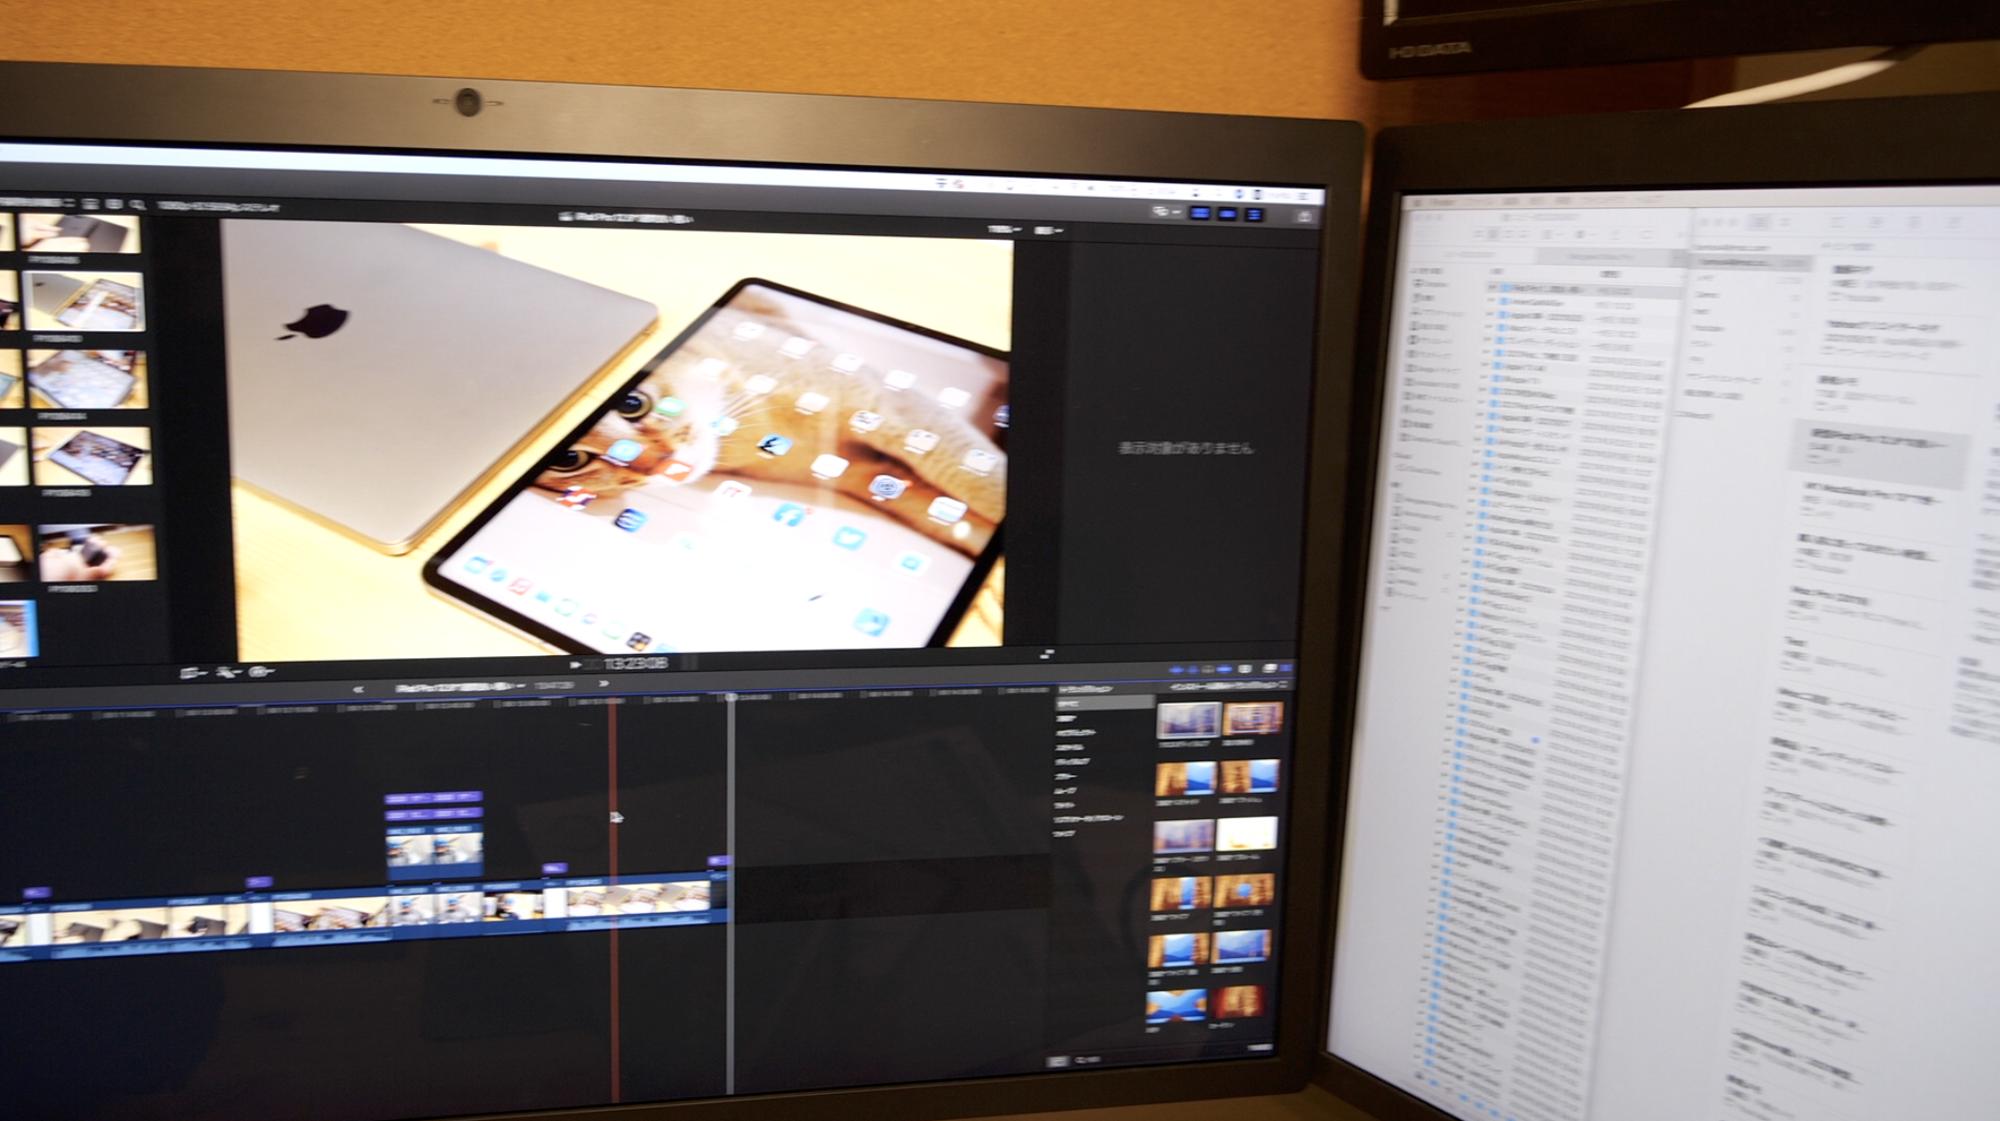 Macのようなマルチタスクや大型2画面は見込めない